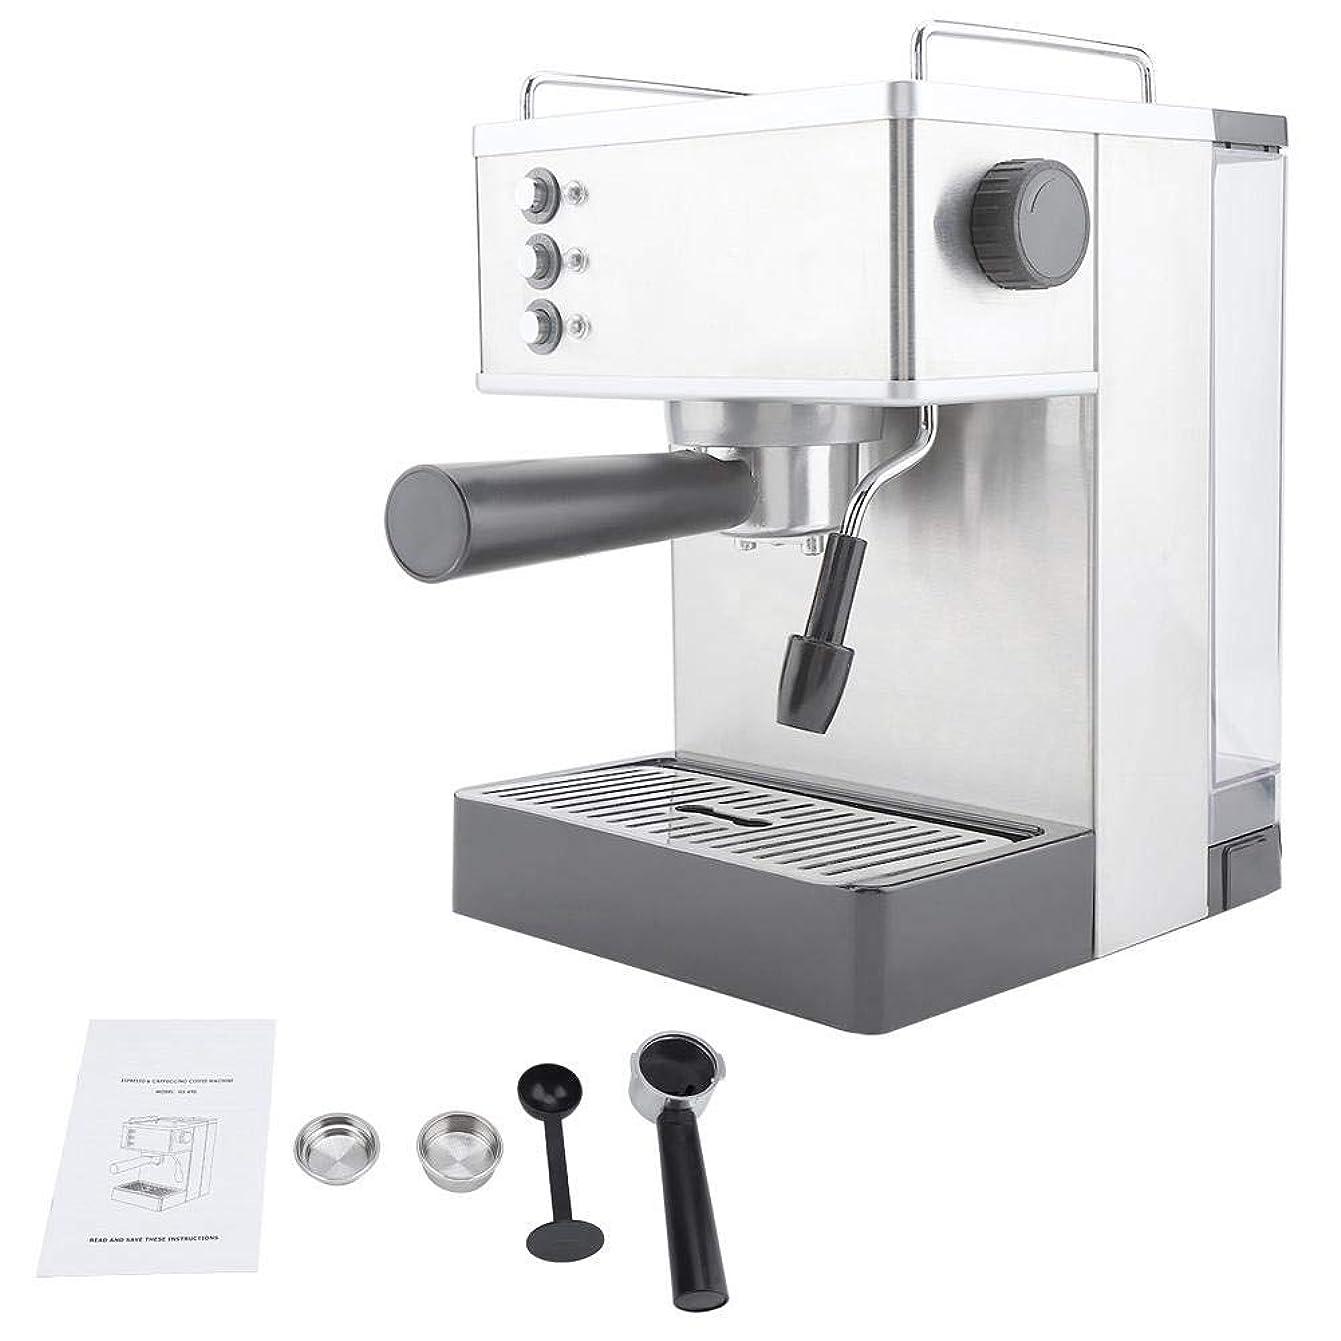 オゾンポーズセンチメンタルコーヒーマシン、ステンレススチールエスプレッソコーヒーマシンコーヒーメーカー高圧イタリアポンプ(US Plug)